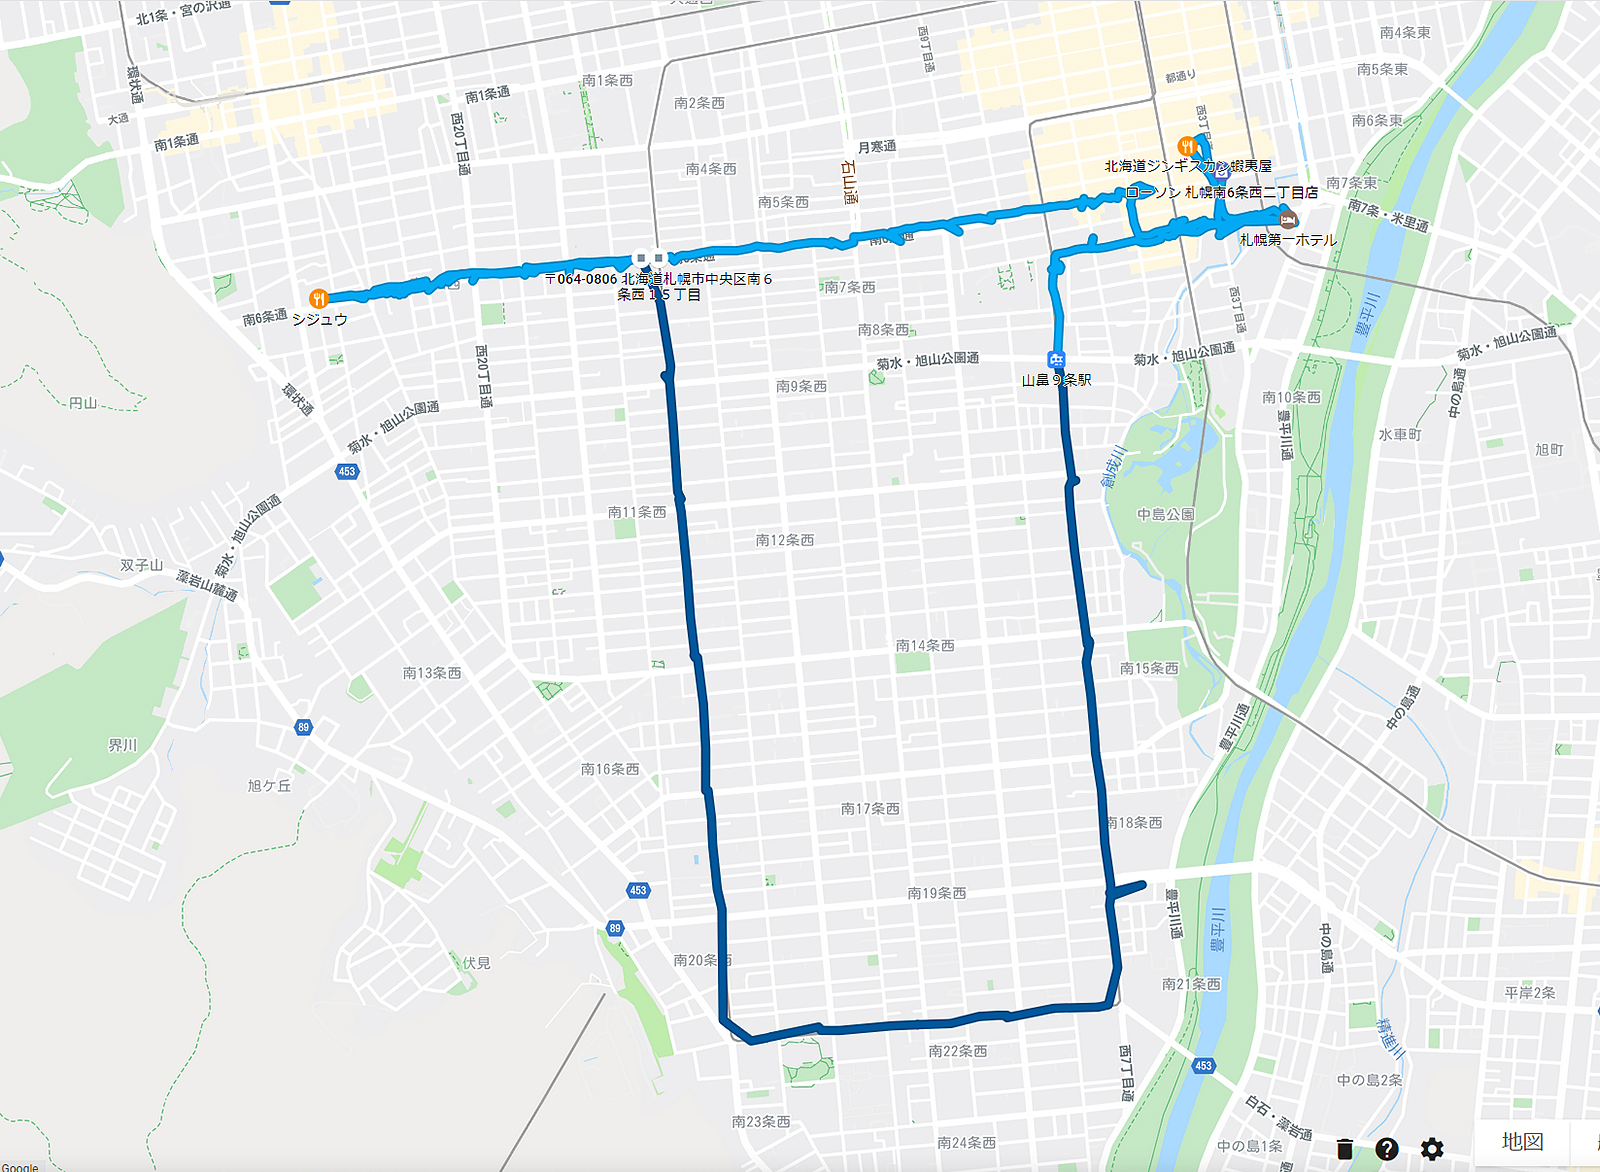 2020年3月25日のタイムライン ホテルからシジュウ、ジンギスカン蝦夷屋など、徒歩と路面電車で移動